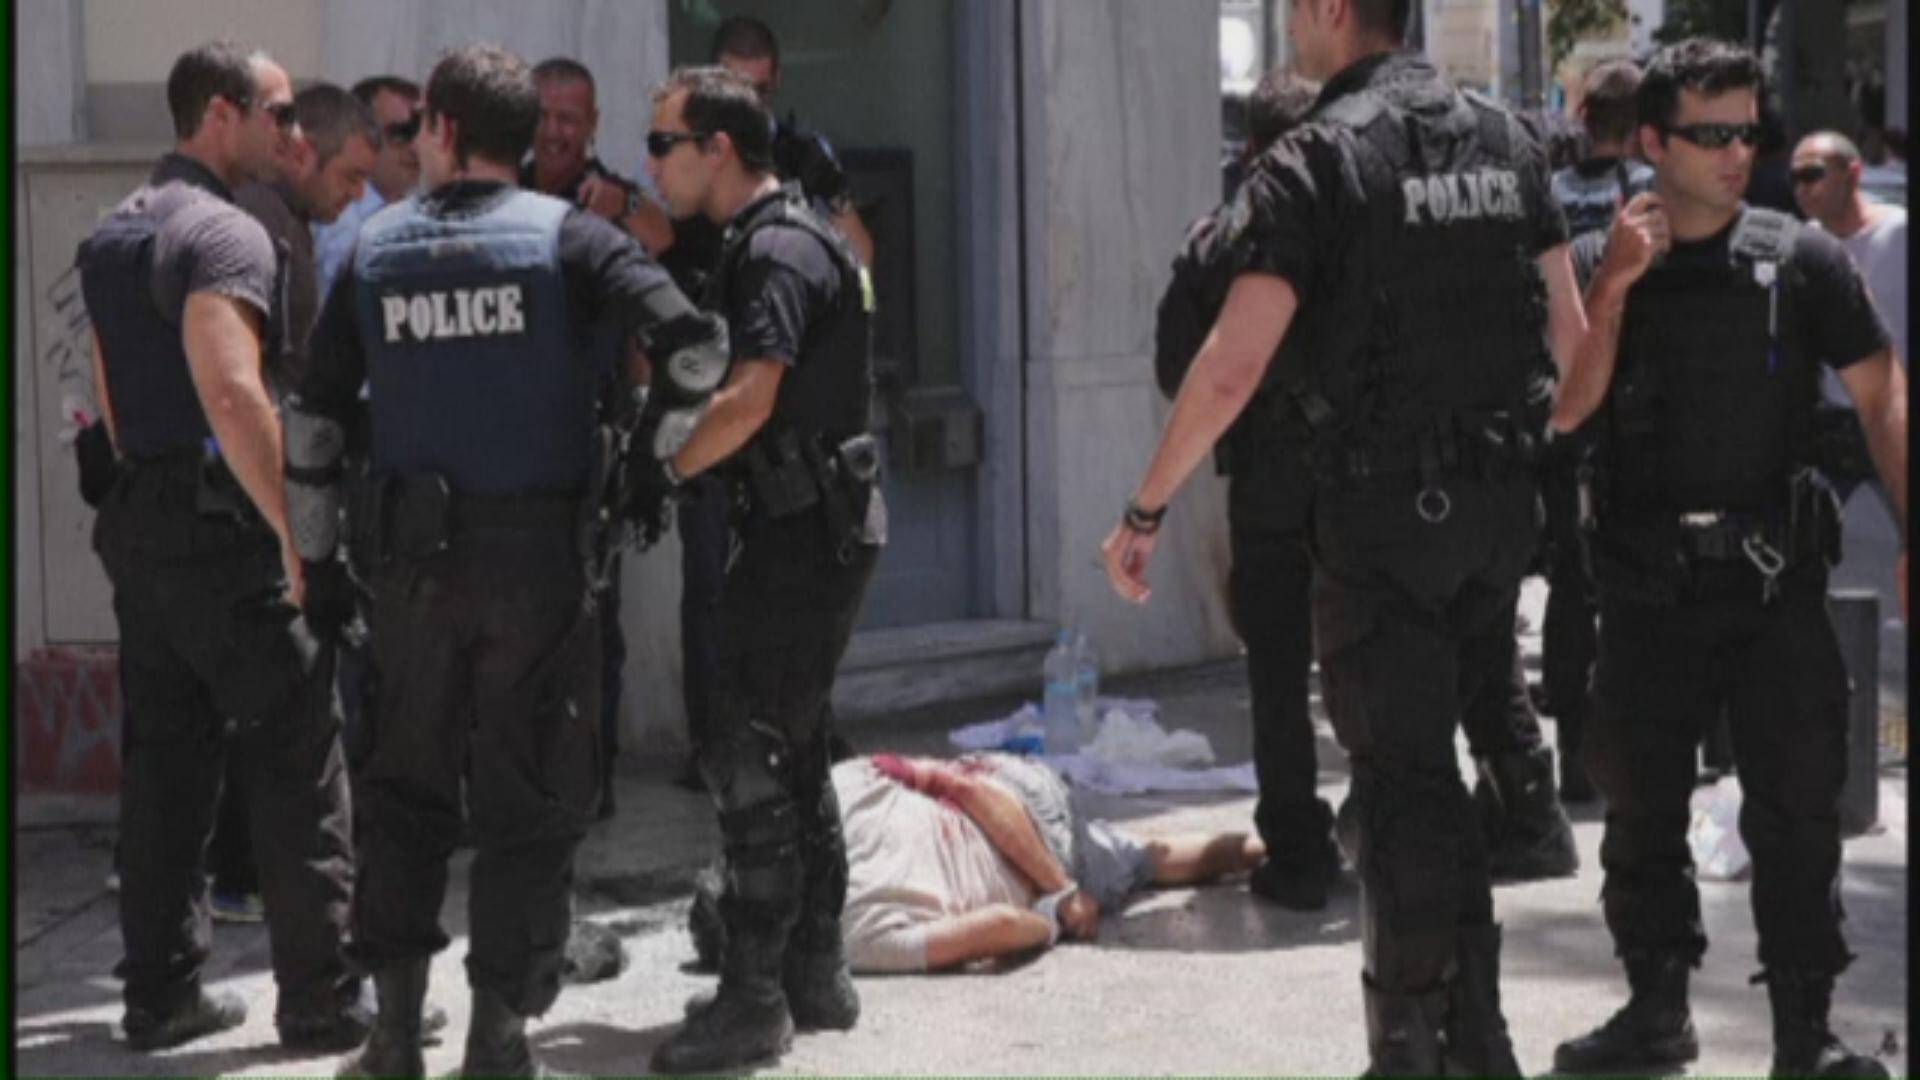 Unul dintre cei mai cautati interlopi din Grecia a fost arestat. Cine este Nikos Maziotis, liderul unei grupari extremiste